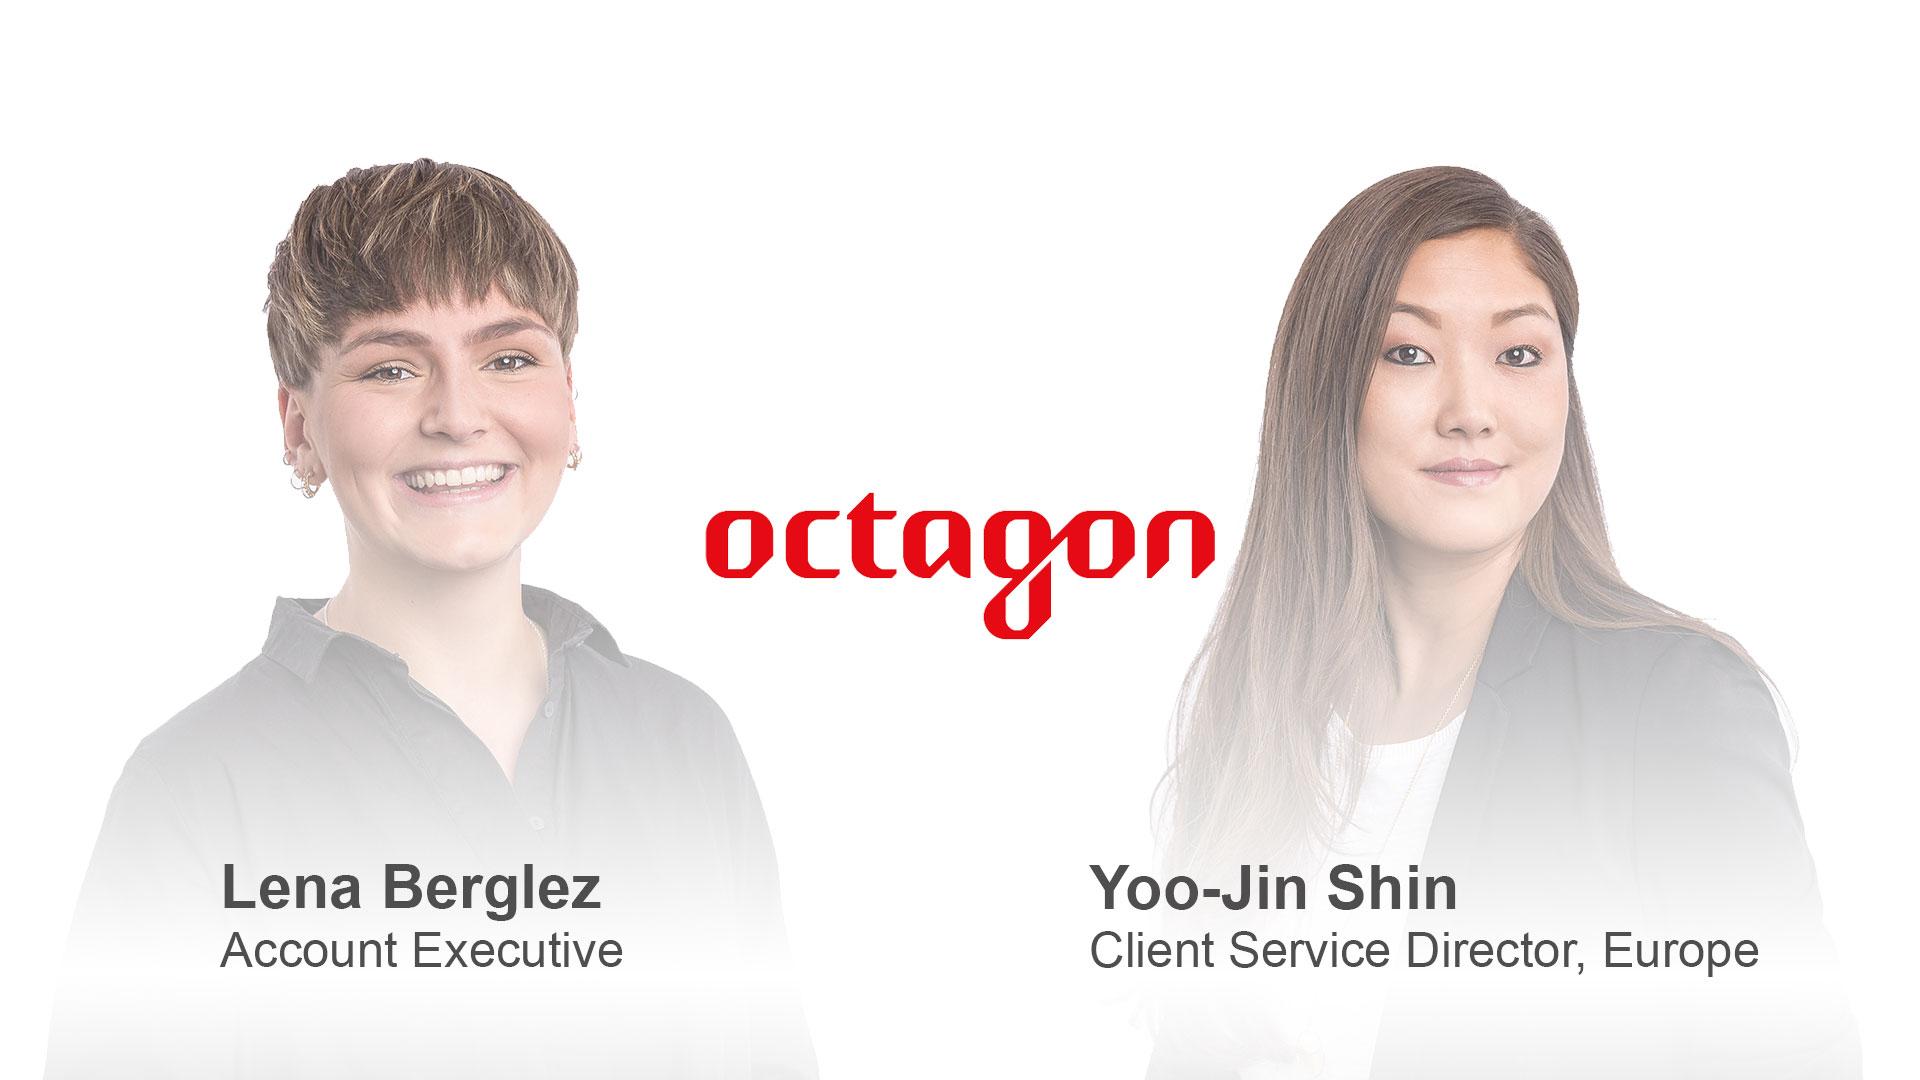 grafik_octagon